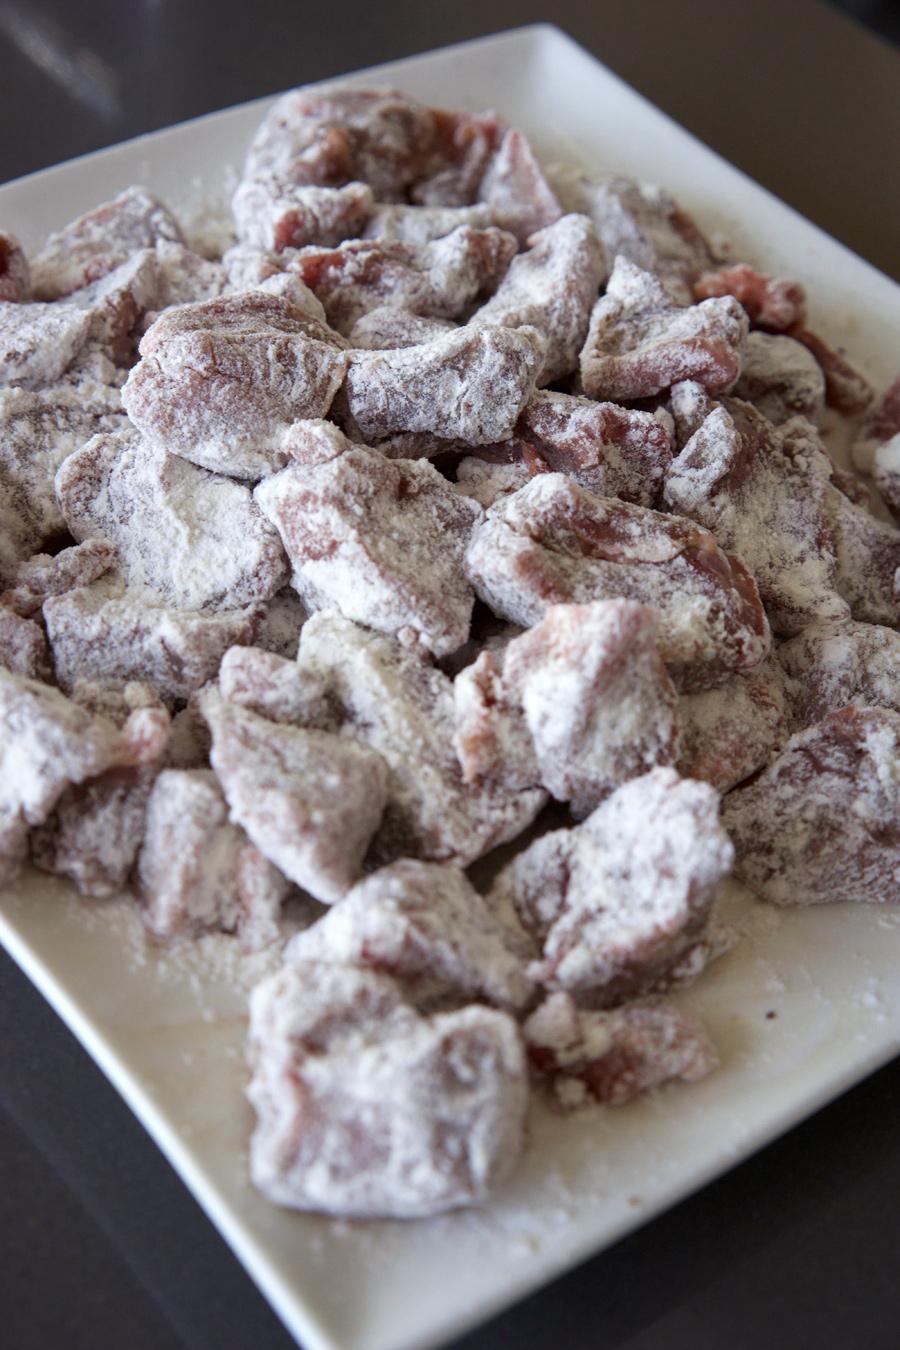 Lamb dredged in flour